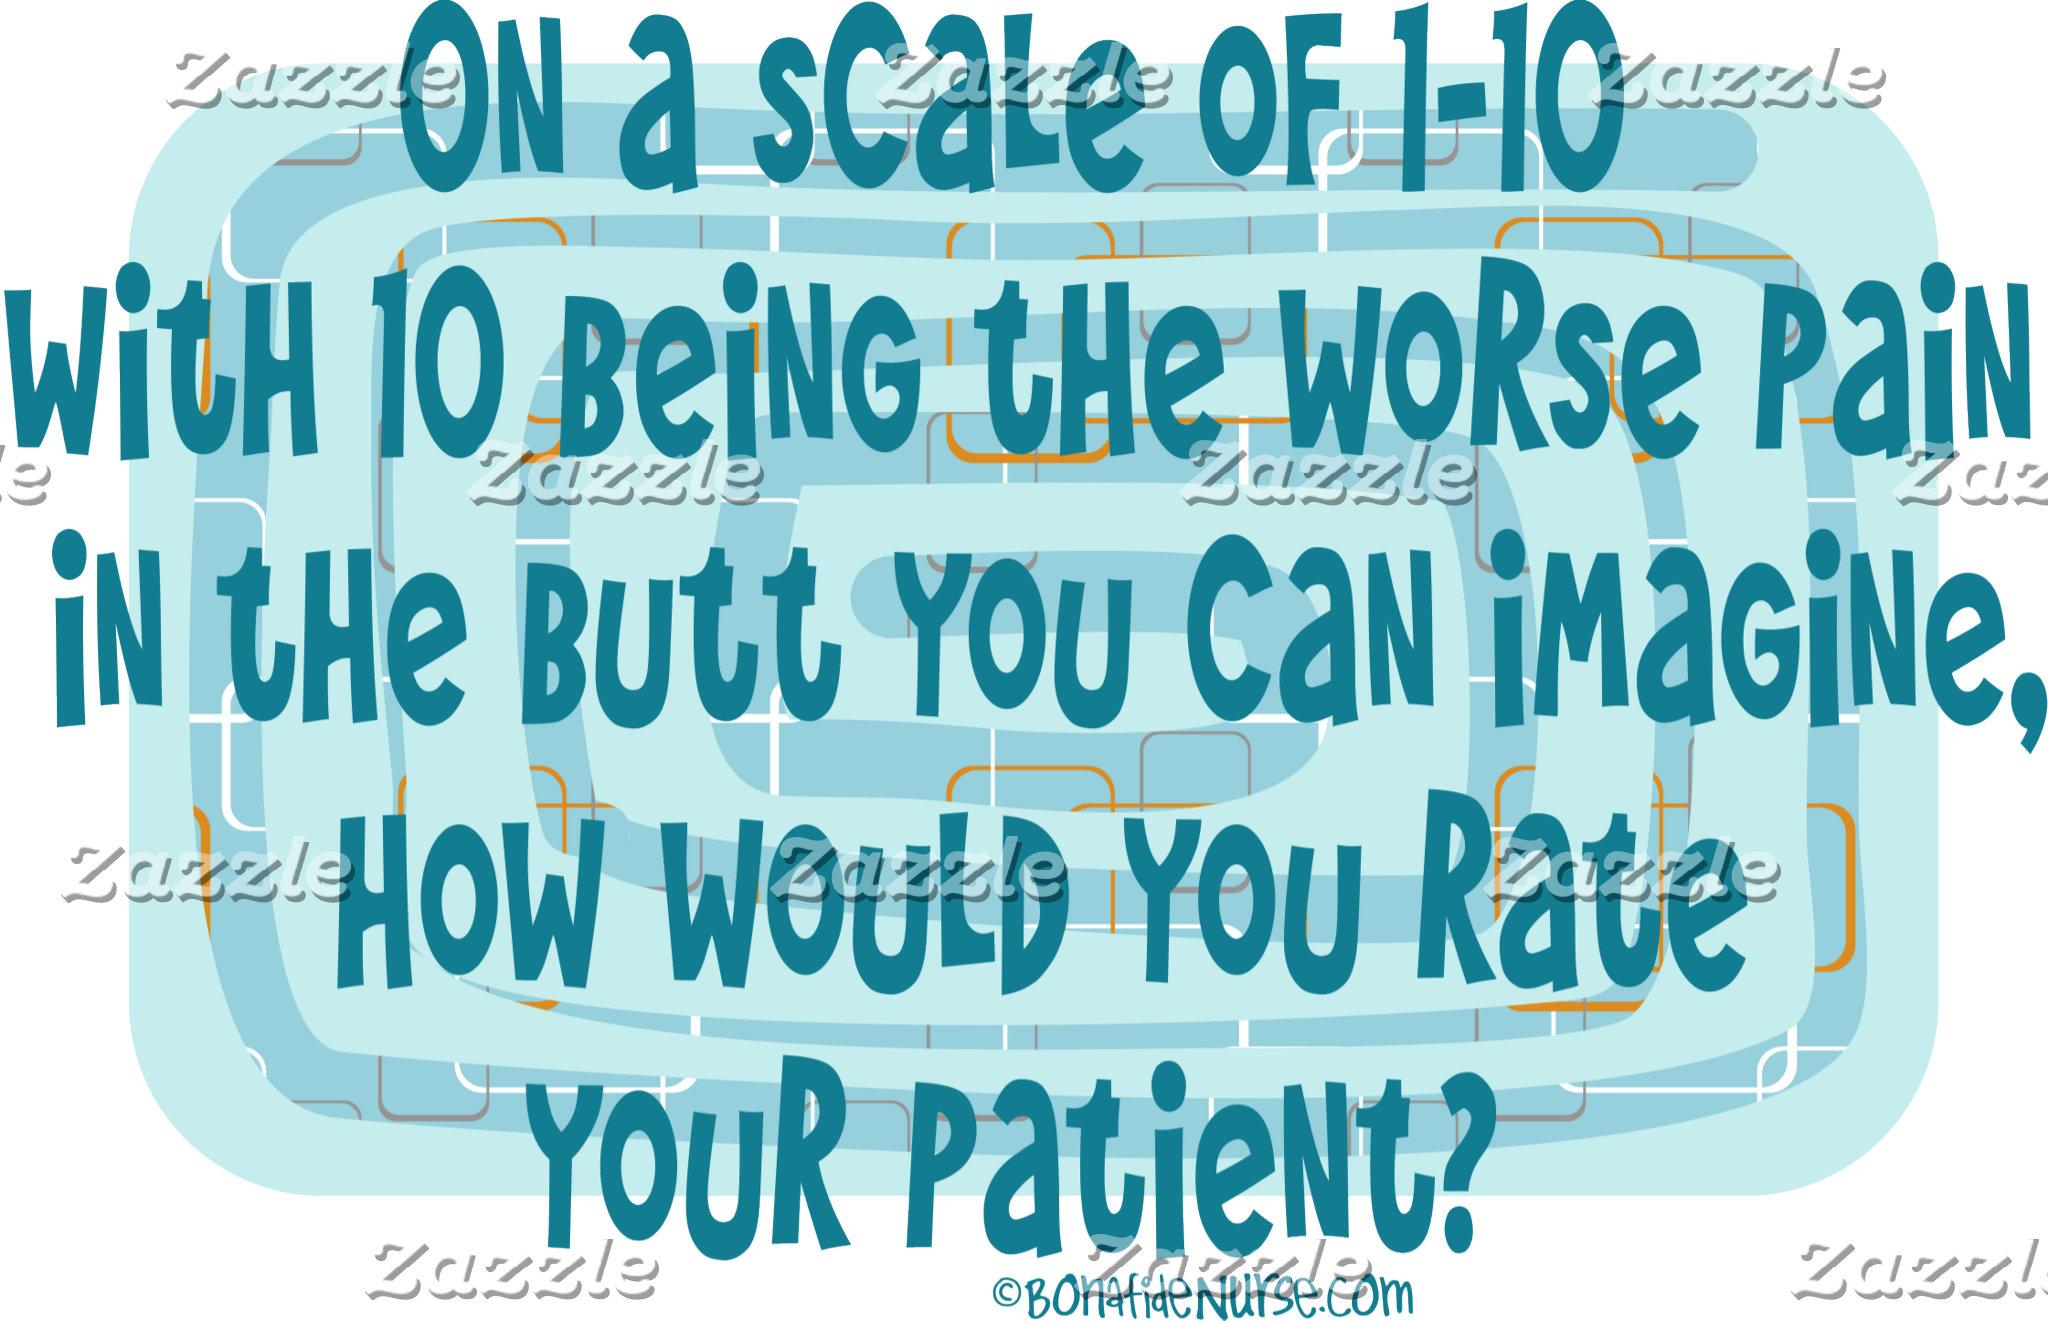 How Nurses rate Patients